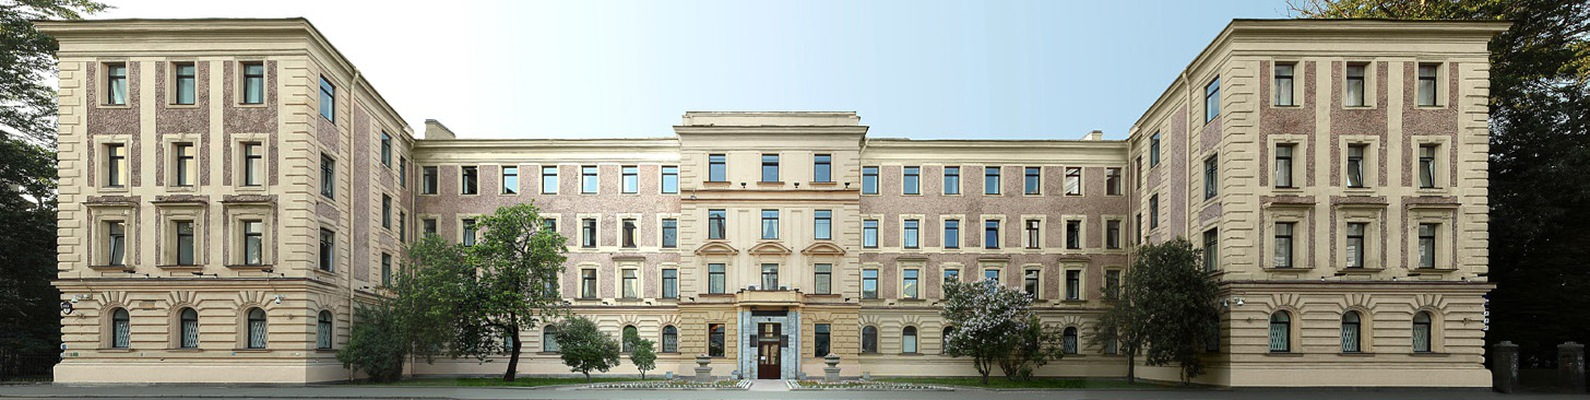 Медицинская академия имени павловасанкт-петербург стоимость водительская медицинская справка